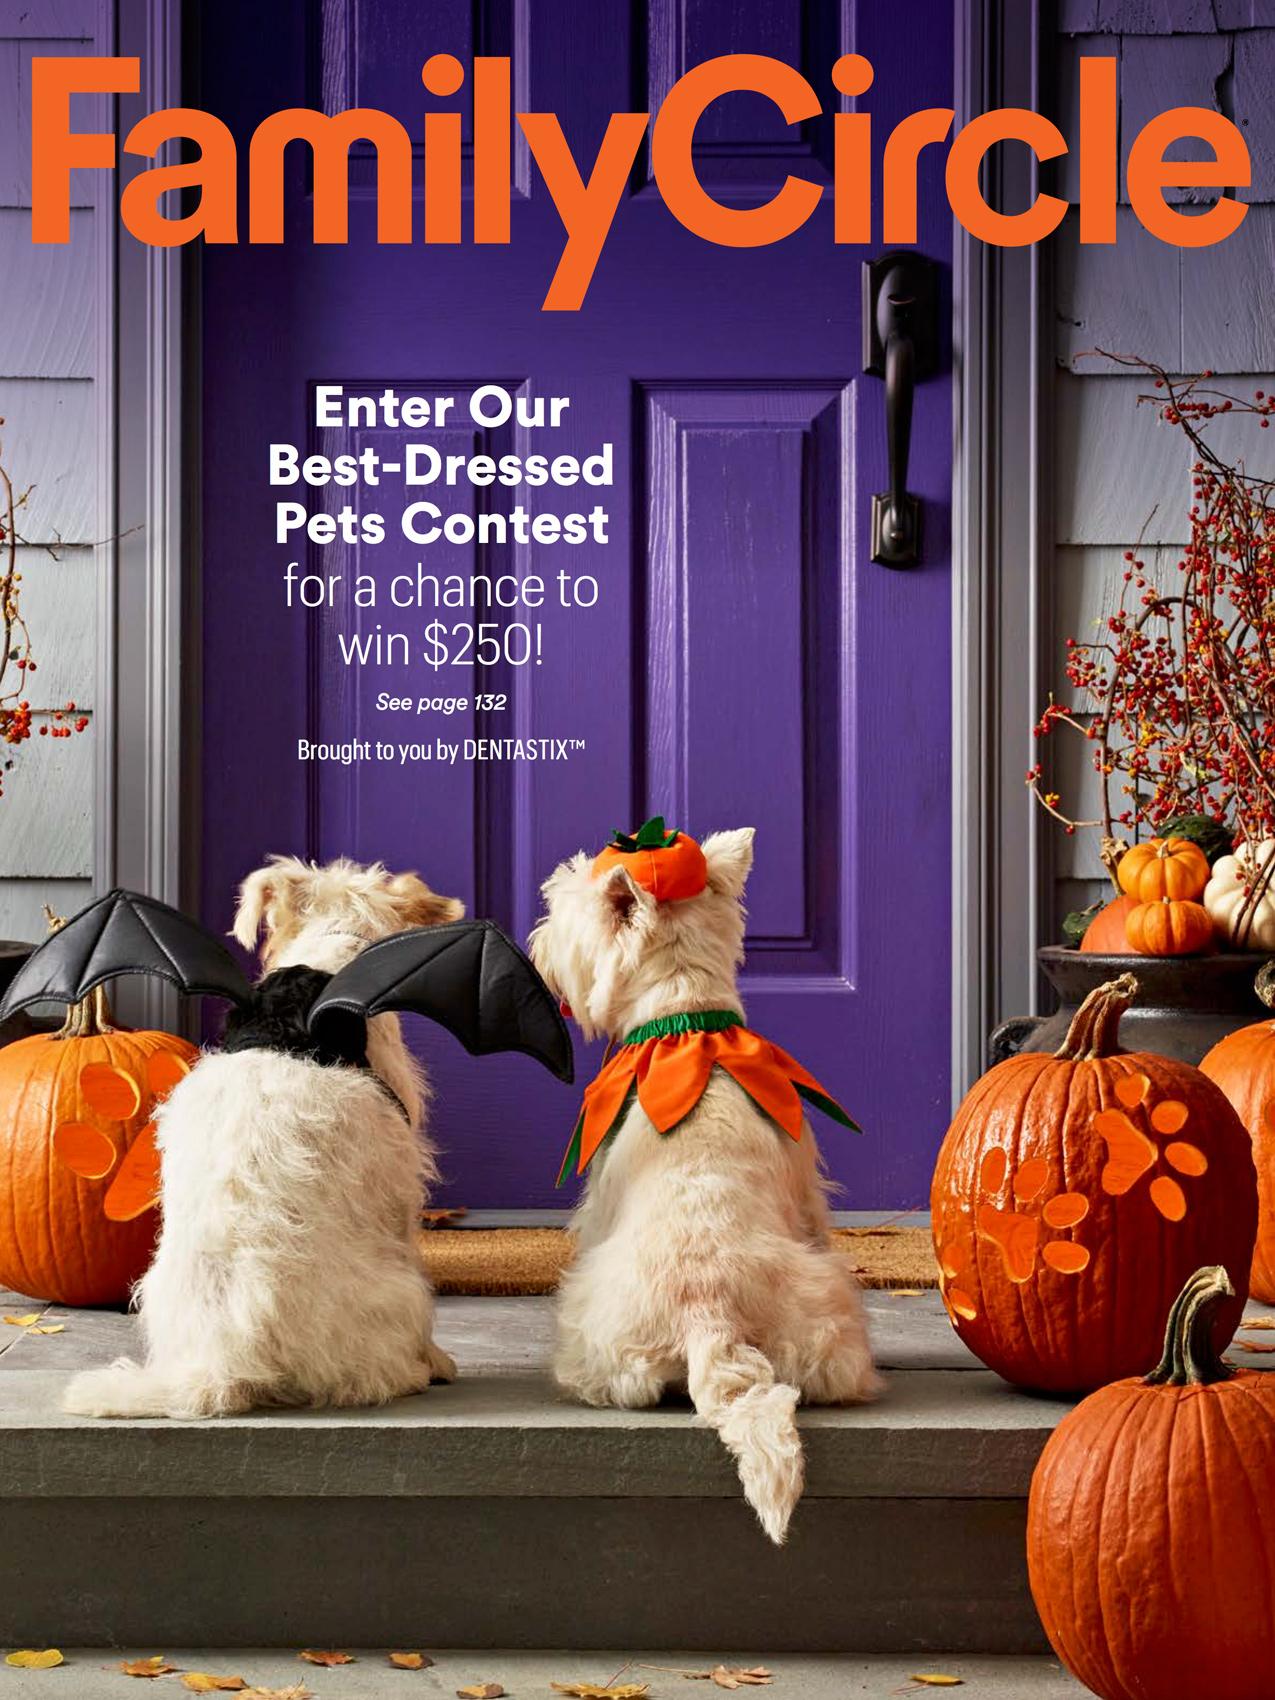 ChristopherWhite_FamilyCircle-October2016_cover-2.jpg